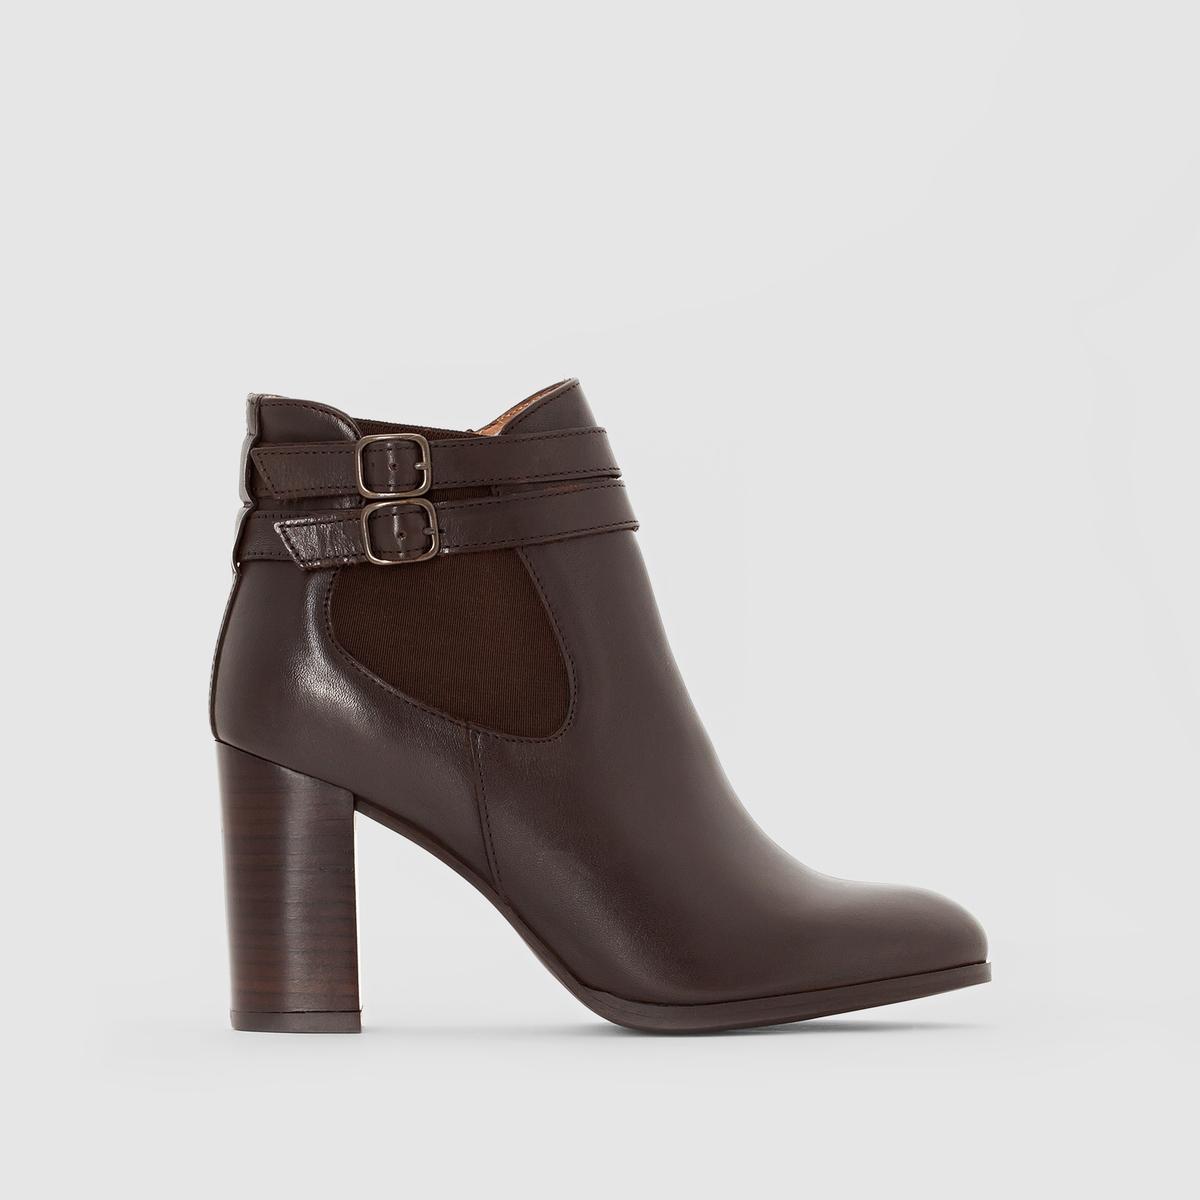 Ботильоны кожаные на каблуке AbriaМатериал внешний/внутрений : Кожа         Подкладка : Кожа   Стелька: Кожа   Подошва: эластомер    Высота каблука: 15 смВысота каблука: 8 смФорма каблука : Широкий.   Носок : Закругленный.   Застежка   : Застежка на молнию<br><br>Цвет: каштановый<br>Размер: 40